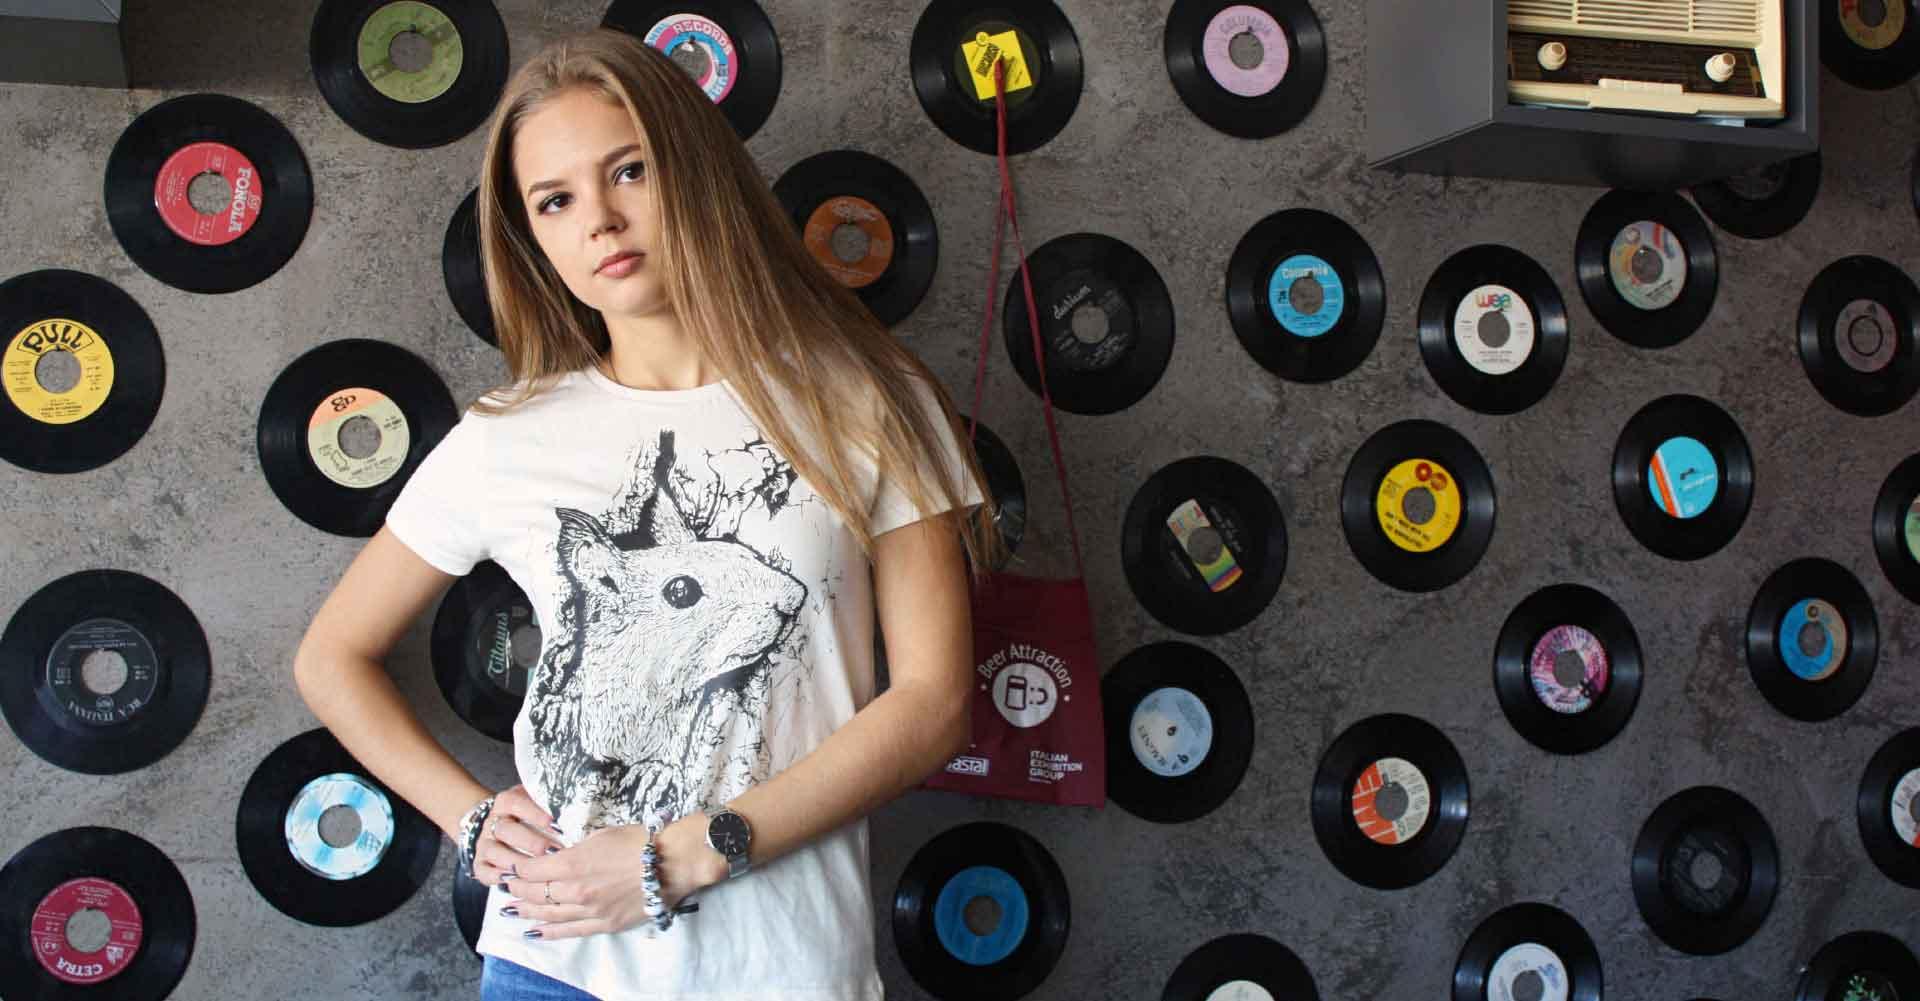 TEENTO Online Shop | T-shirt 100% Cotone Organico - homepage slide 5 TEENTO è il tuo nuovo negozio online! | Scopri le nostre magliette da uomo, donna e bambino | Indossa le t-shirt che più ti appassionano! Wear The Passion!